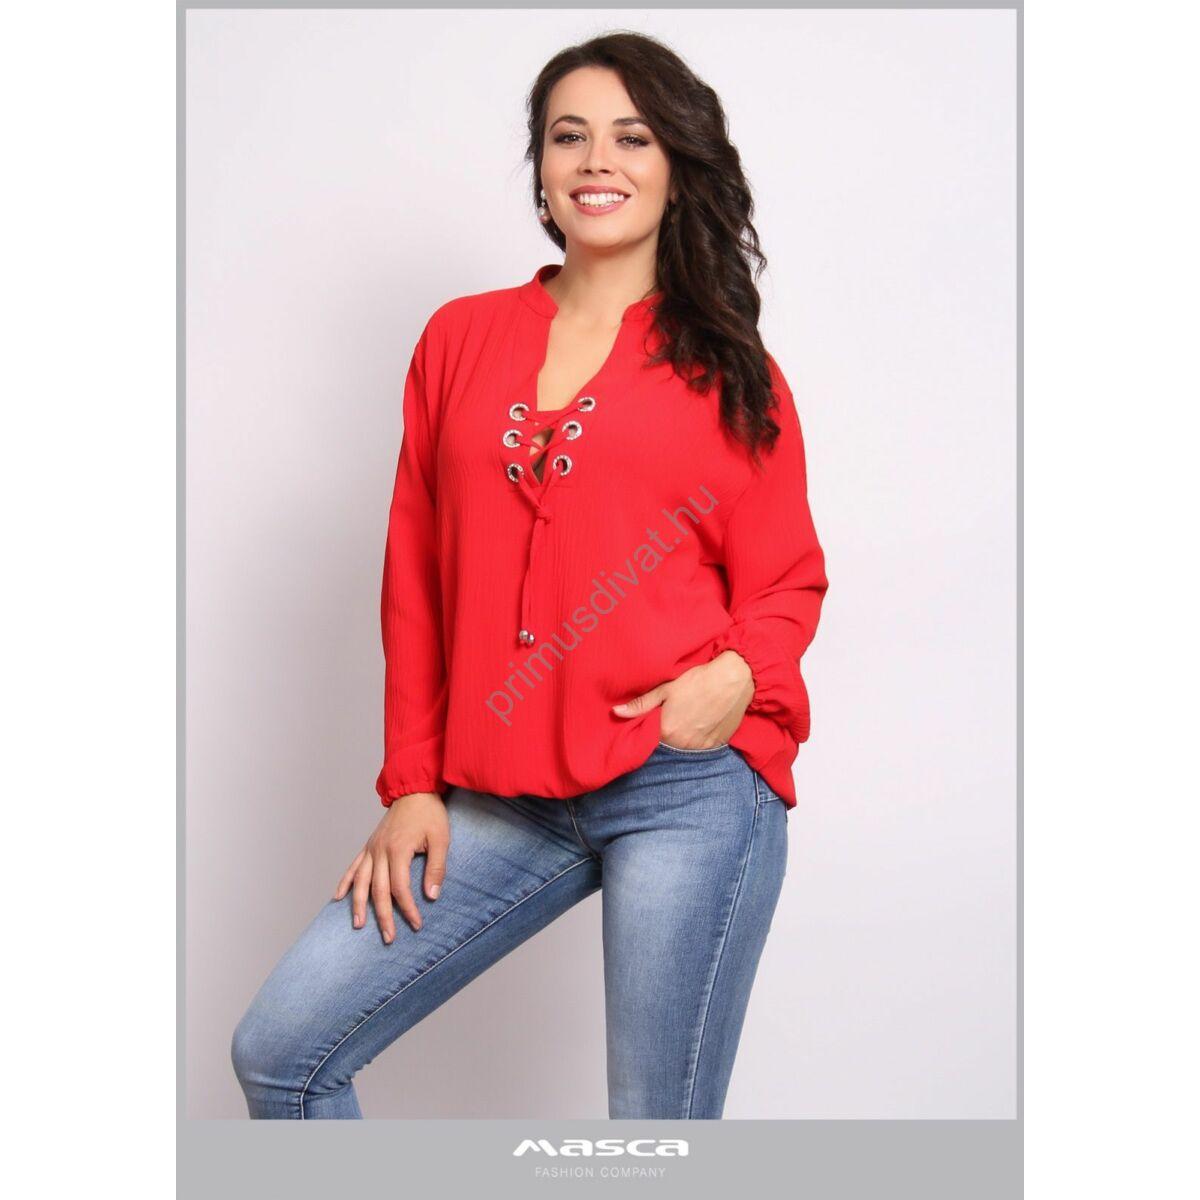 Masca Fashion állónyakú, ékszerkarikás bújtatójú fűzős dekoltázsú piros kreppes anyagú lezser hosszú ujjú felső, csípőjén gumis behúzással